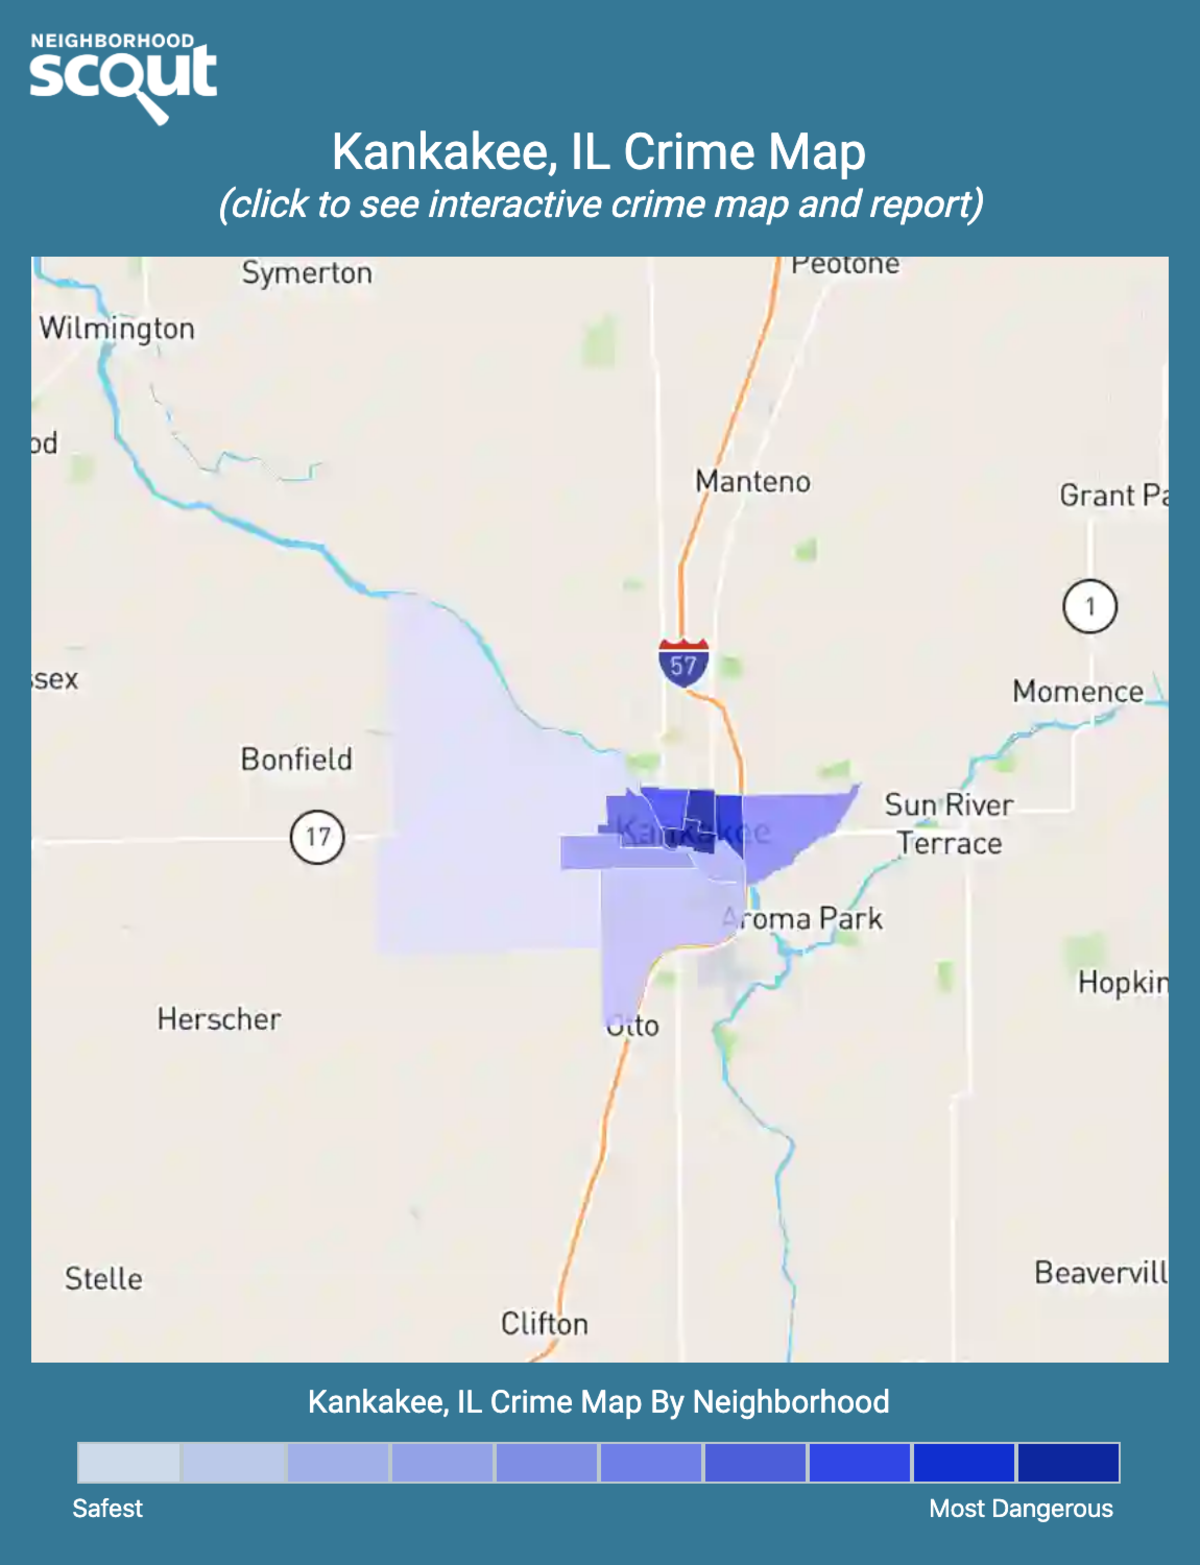 Kankakee, Illinois crime map